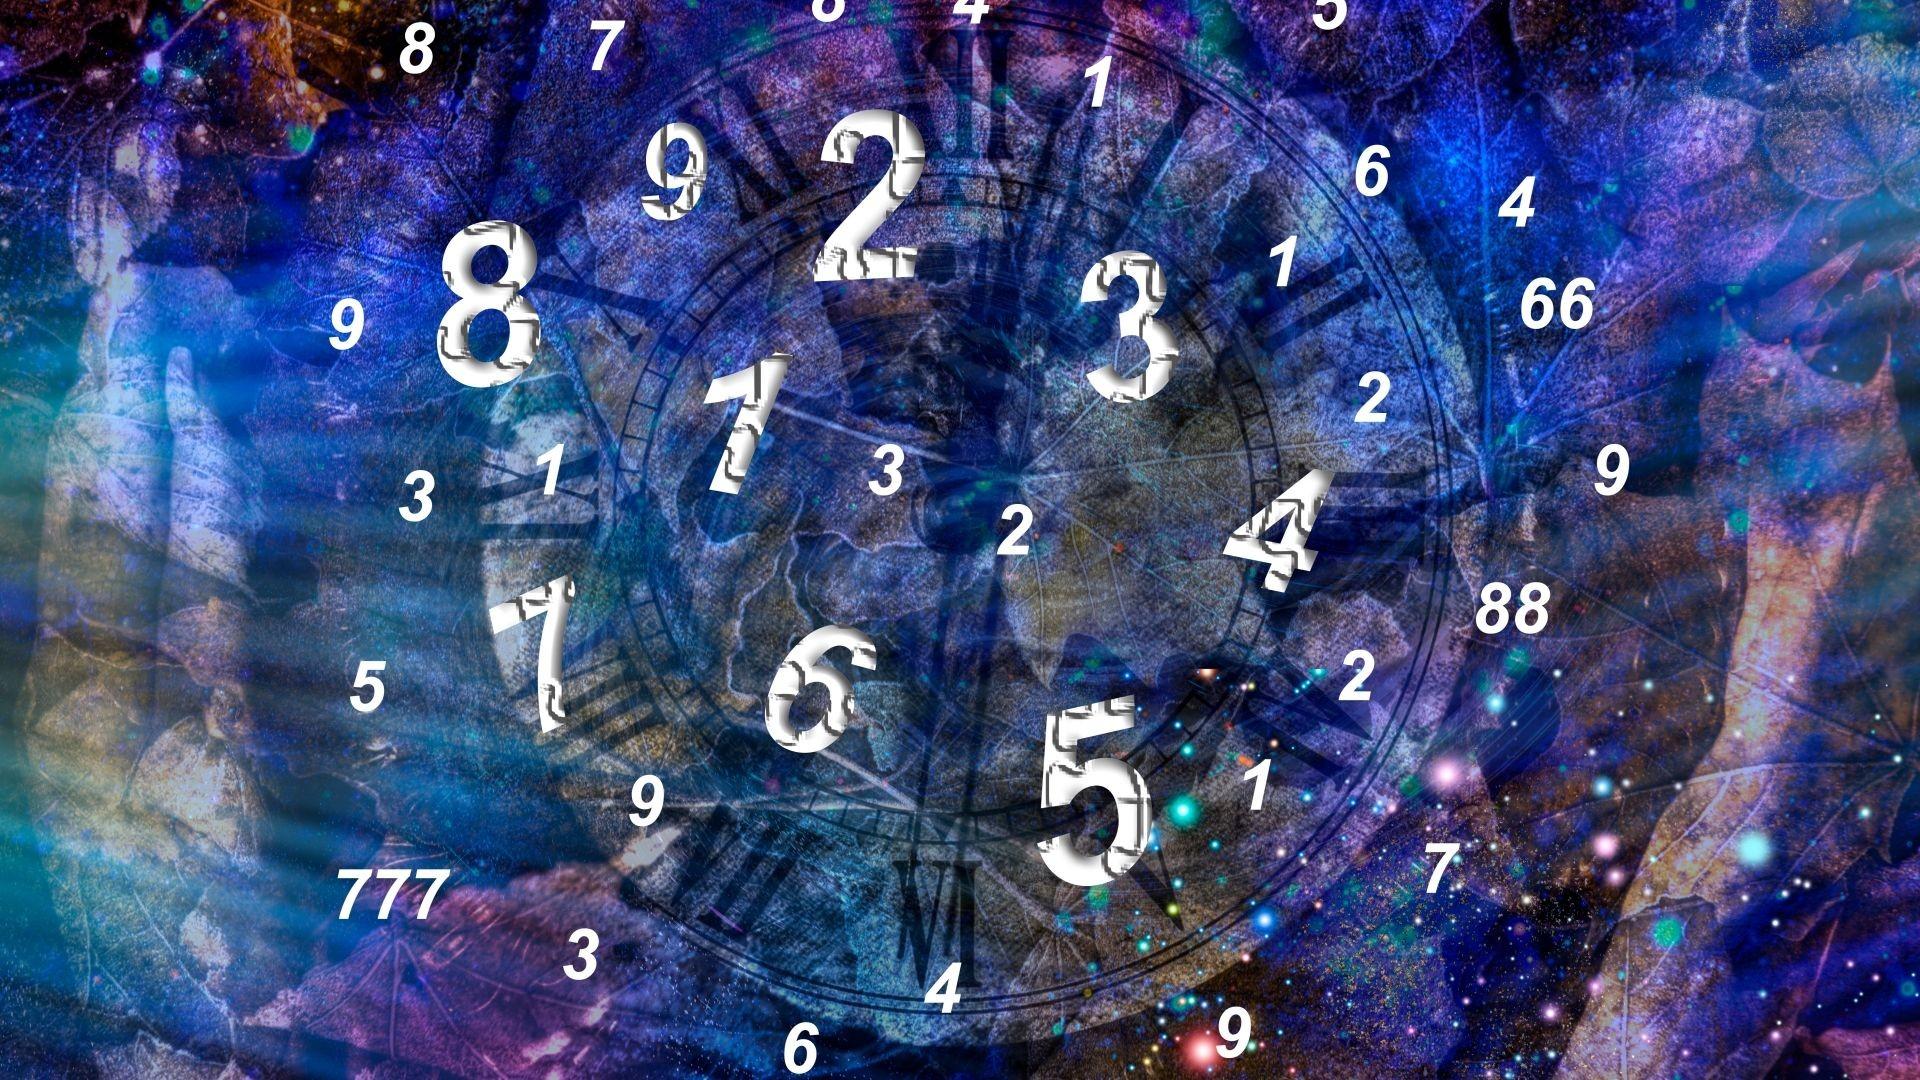 Consulta de numerología en Puente de Vallecas, Madrid - Talismán tienda esotérica